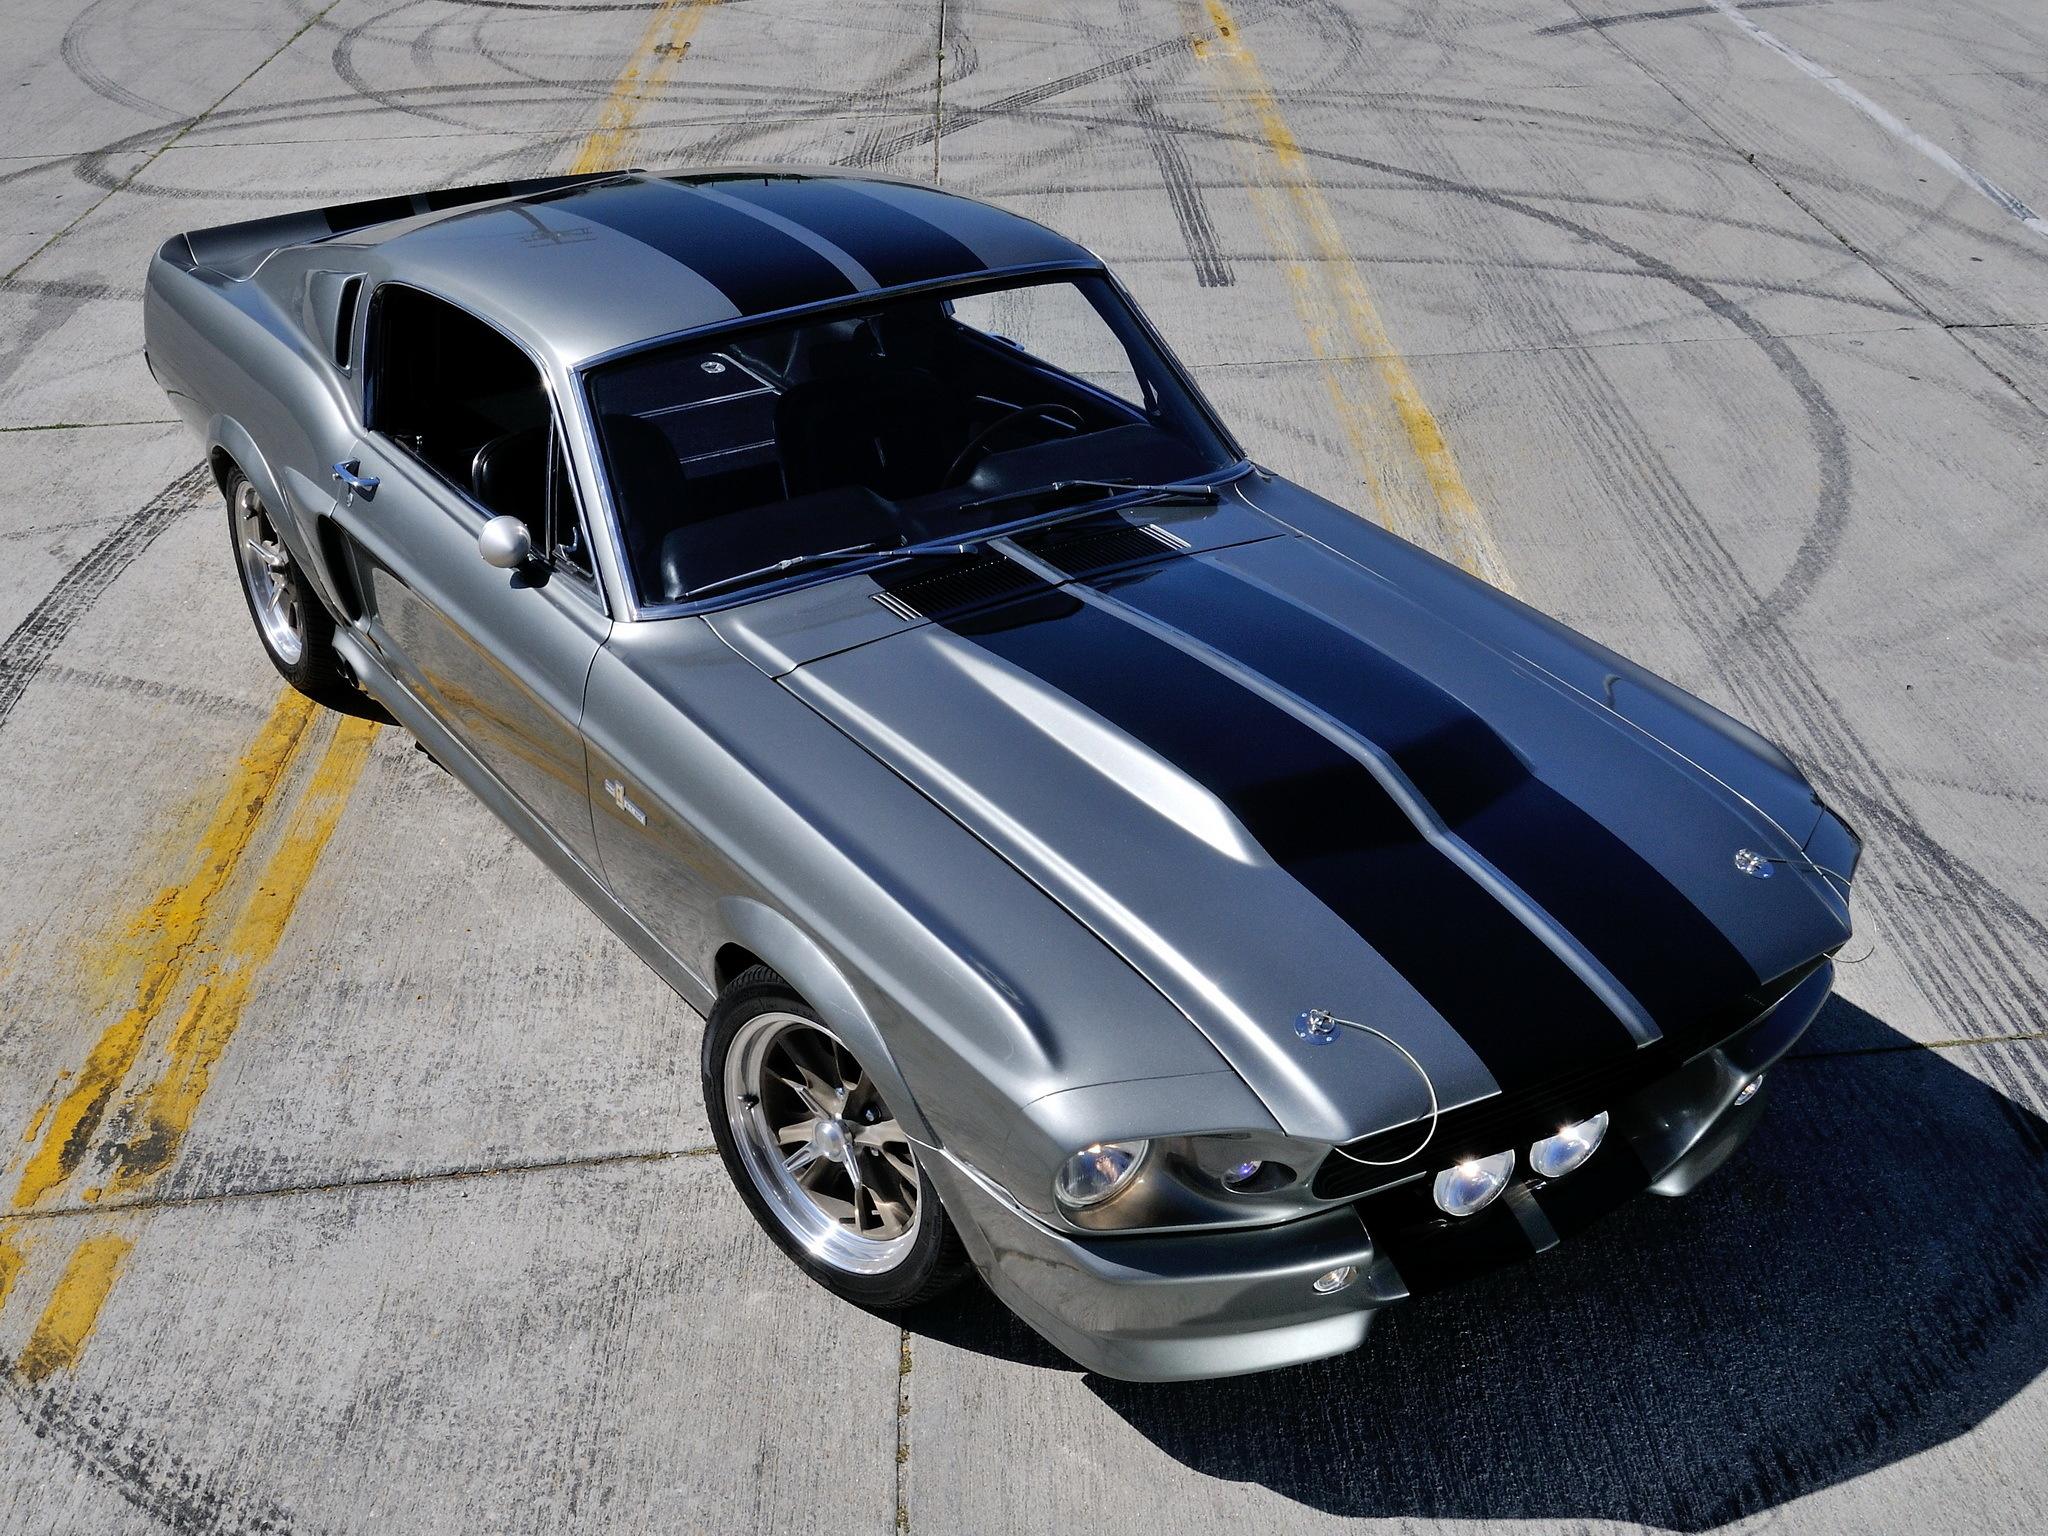 73026 скачать обои Форд (Ford), Мустанг (Mustang), Машина, Тачки (Cars), Gt500, Eleanor, Передок - заставки и картинки бесплатно